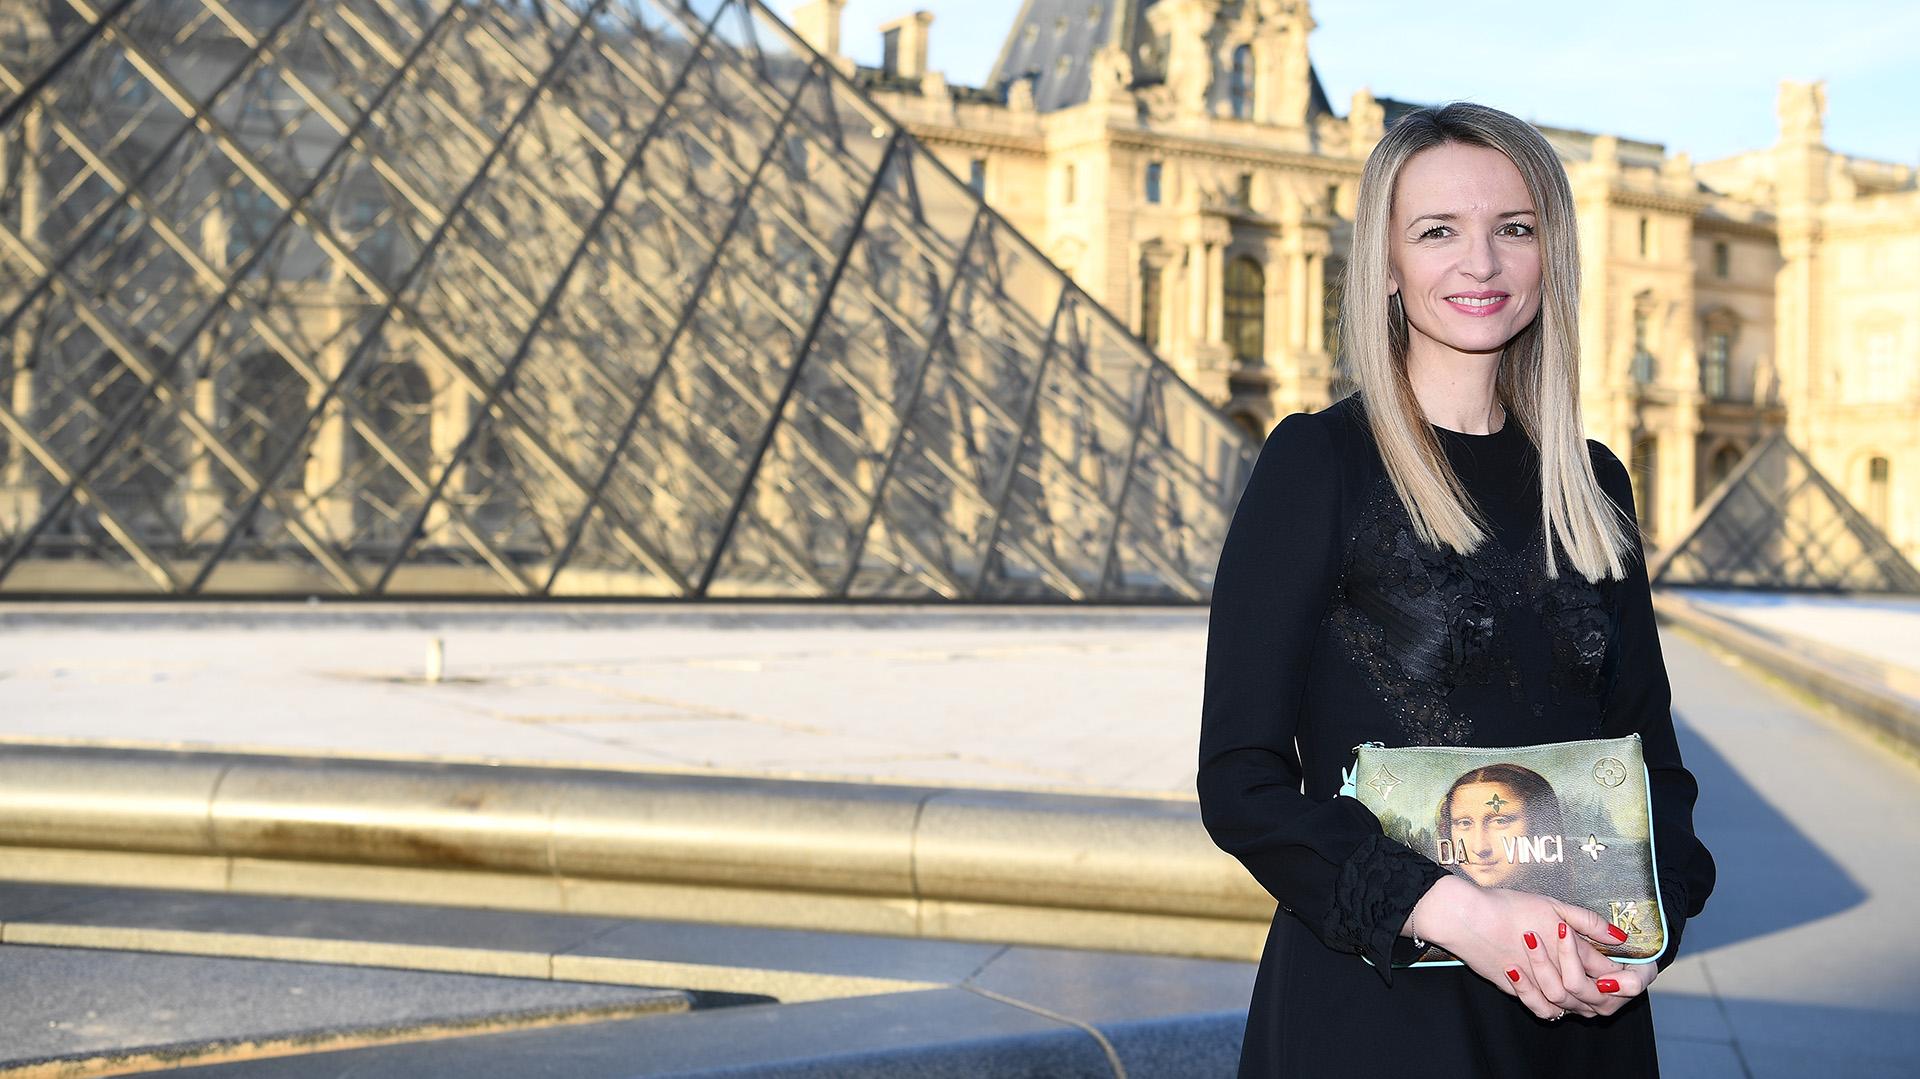 La directora y vicepresidente ejecutiva de Louis Vuitton, Delphine Arnault